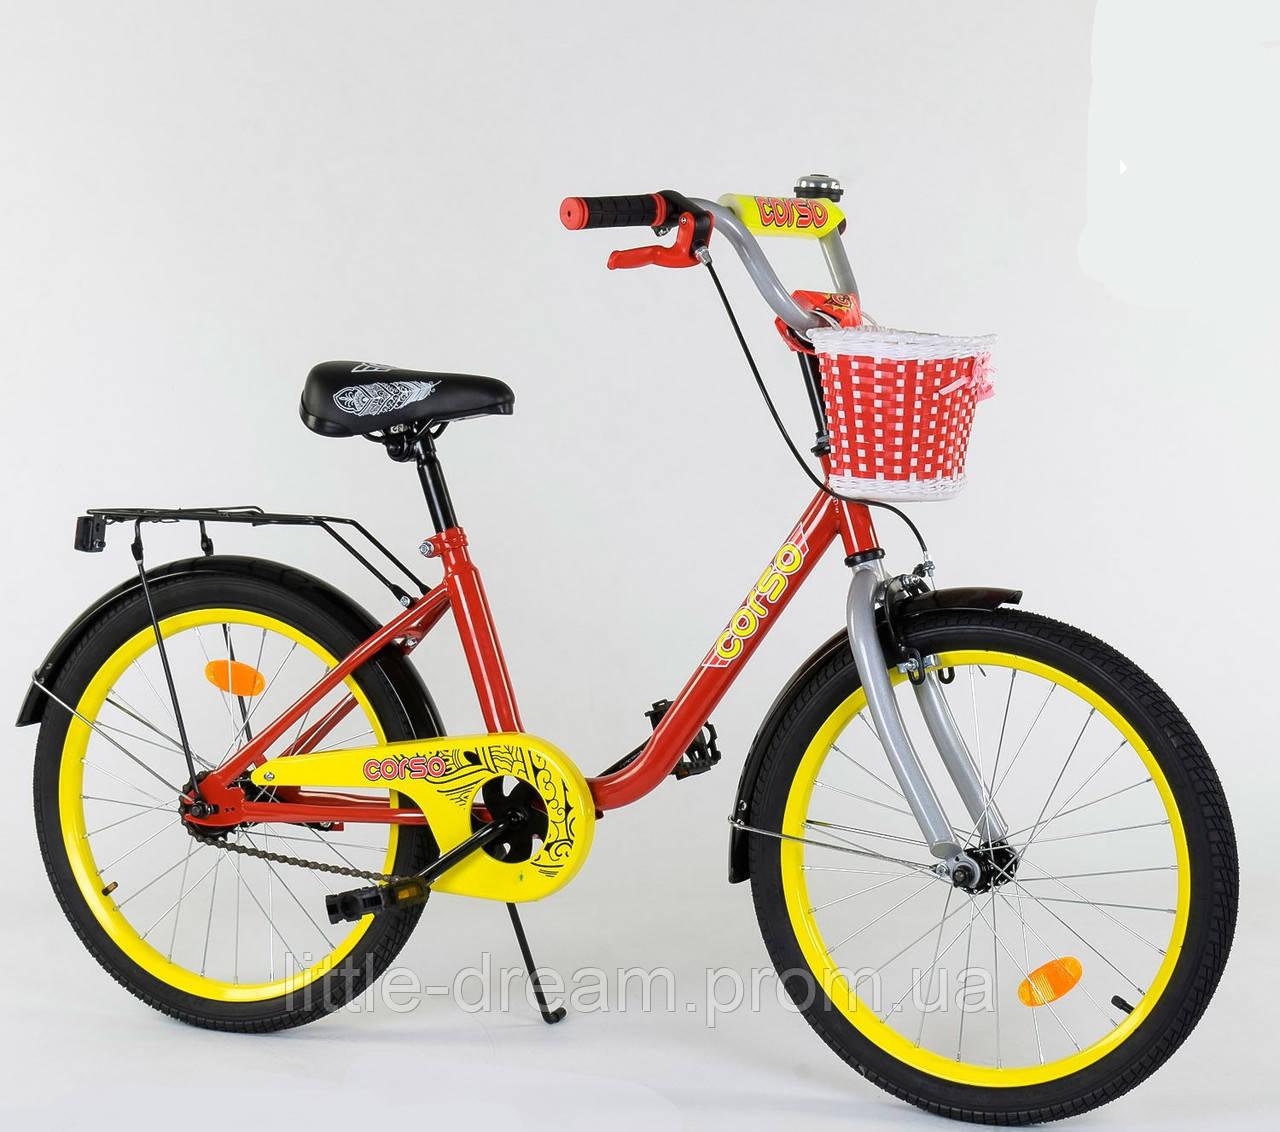 """Детский двухколесный велосипед 20"""" с ручным тормозом металлическими дисками и корзинкой Corso 2093 красный"""